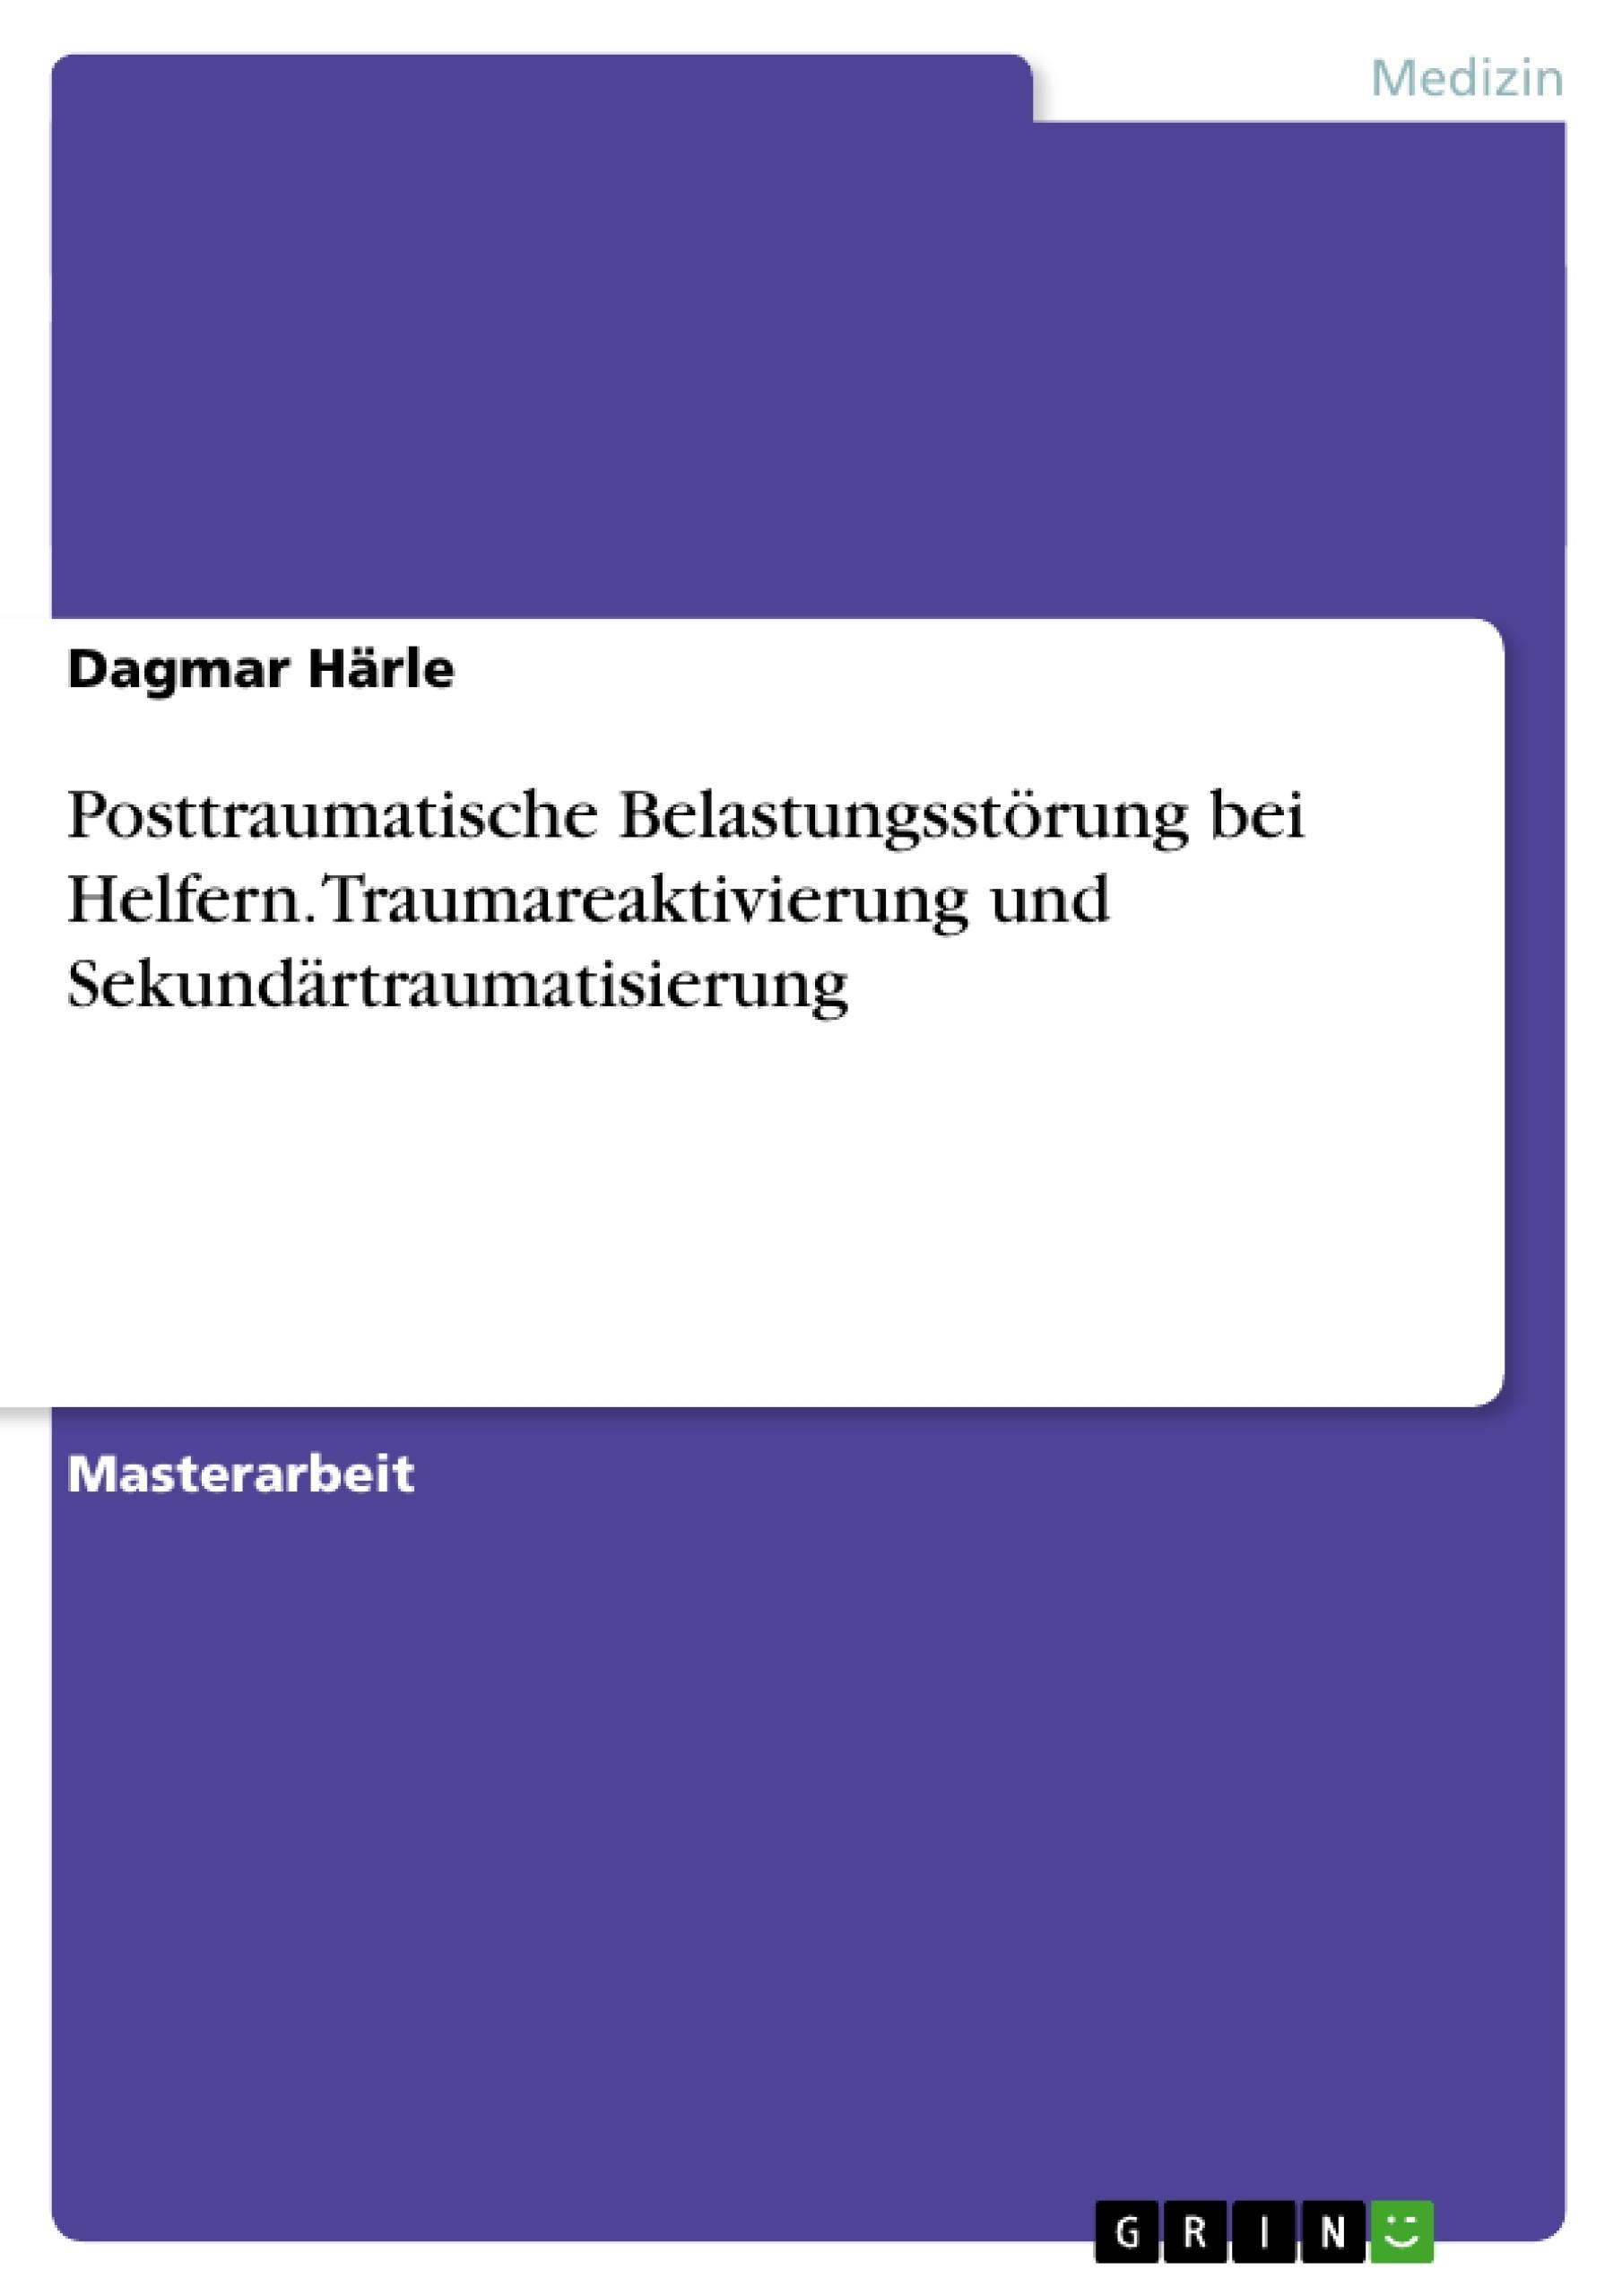 Titel: Posttraumatische Belastungsstörung bei Helfern. Traumareaktivierung und Sekundärtraumatisierung